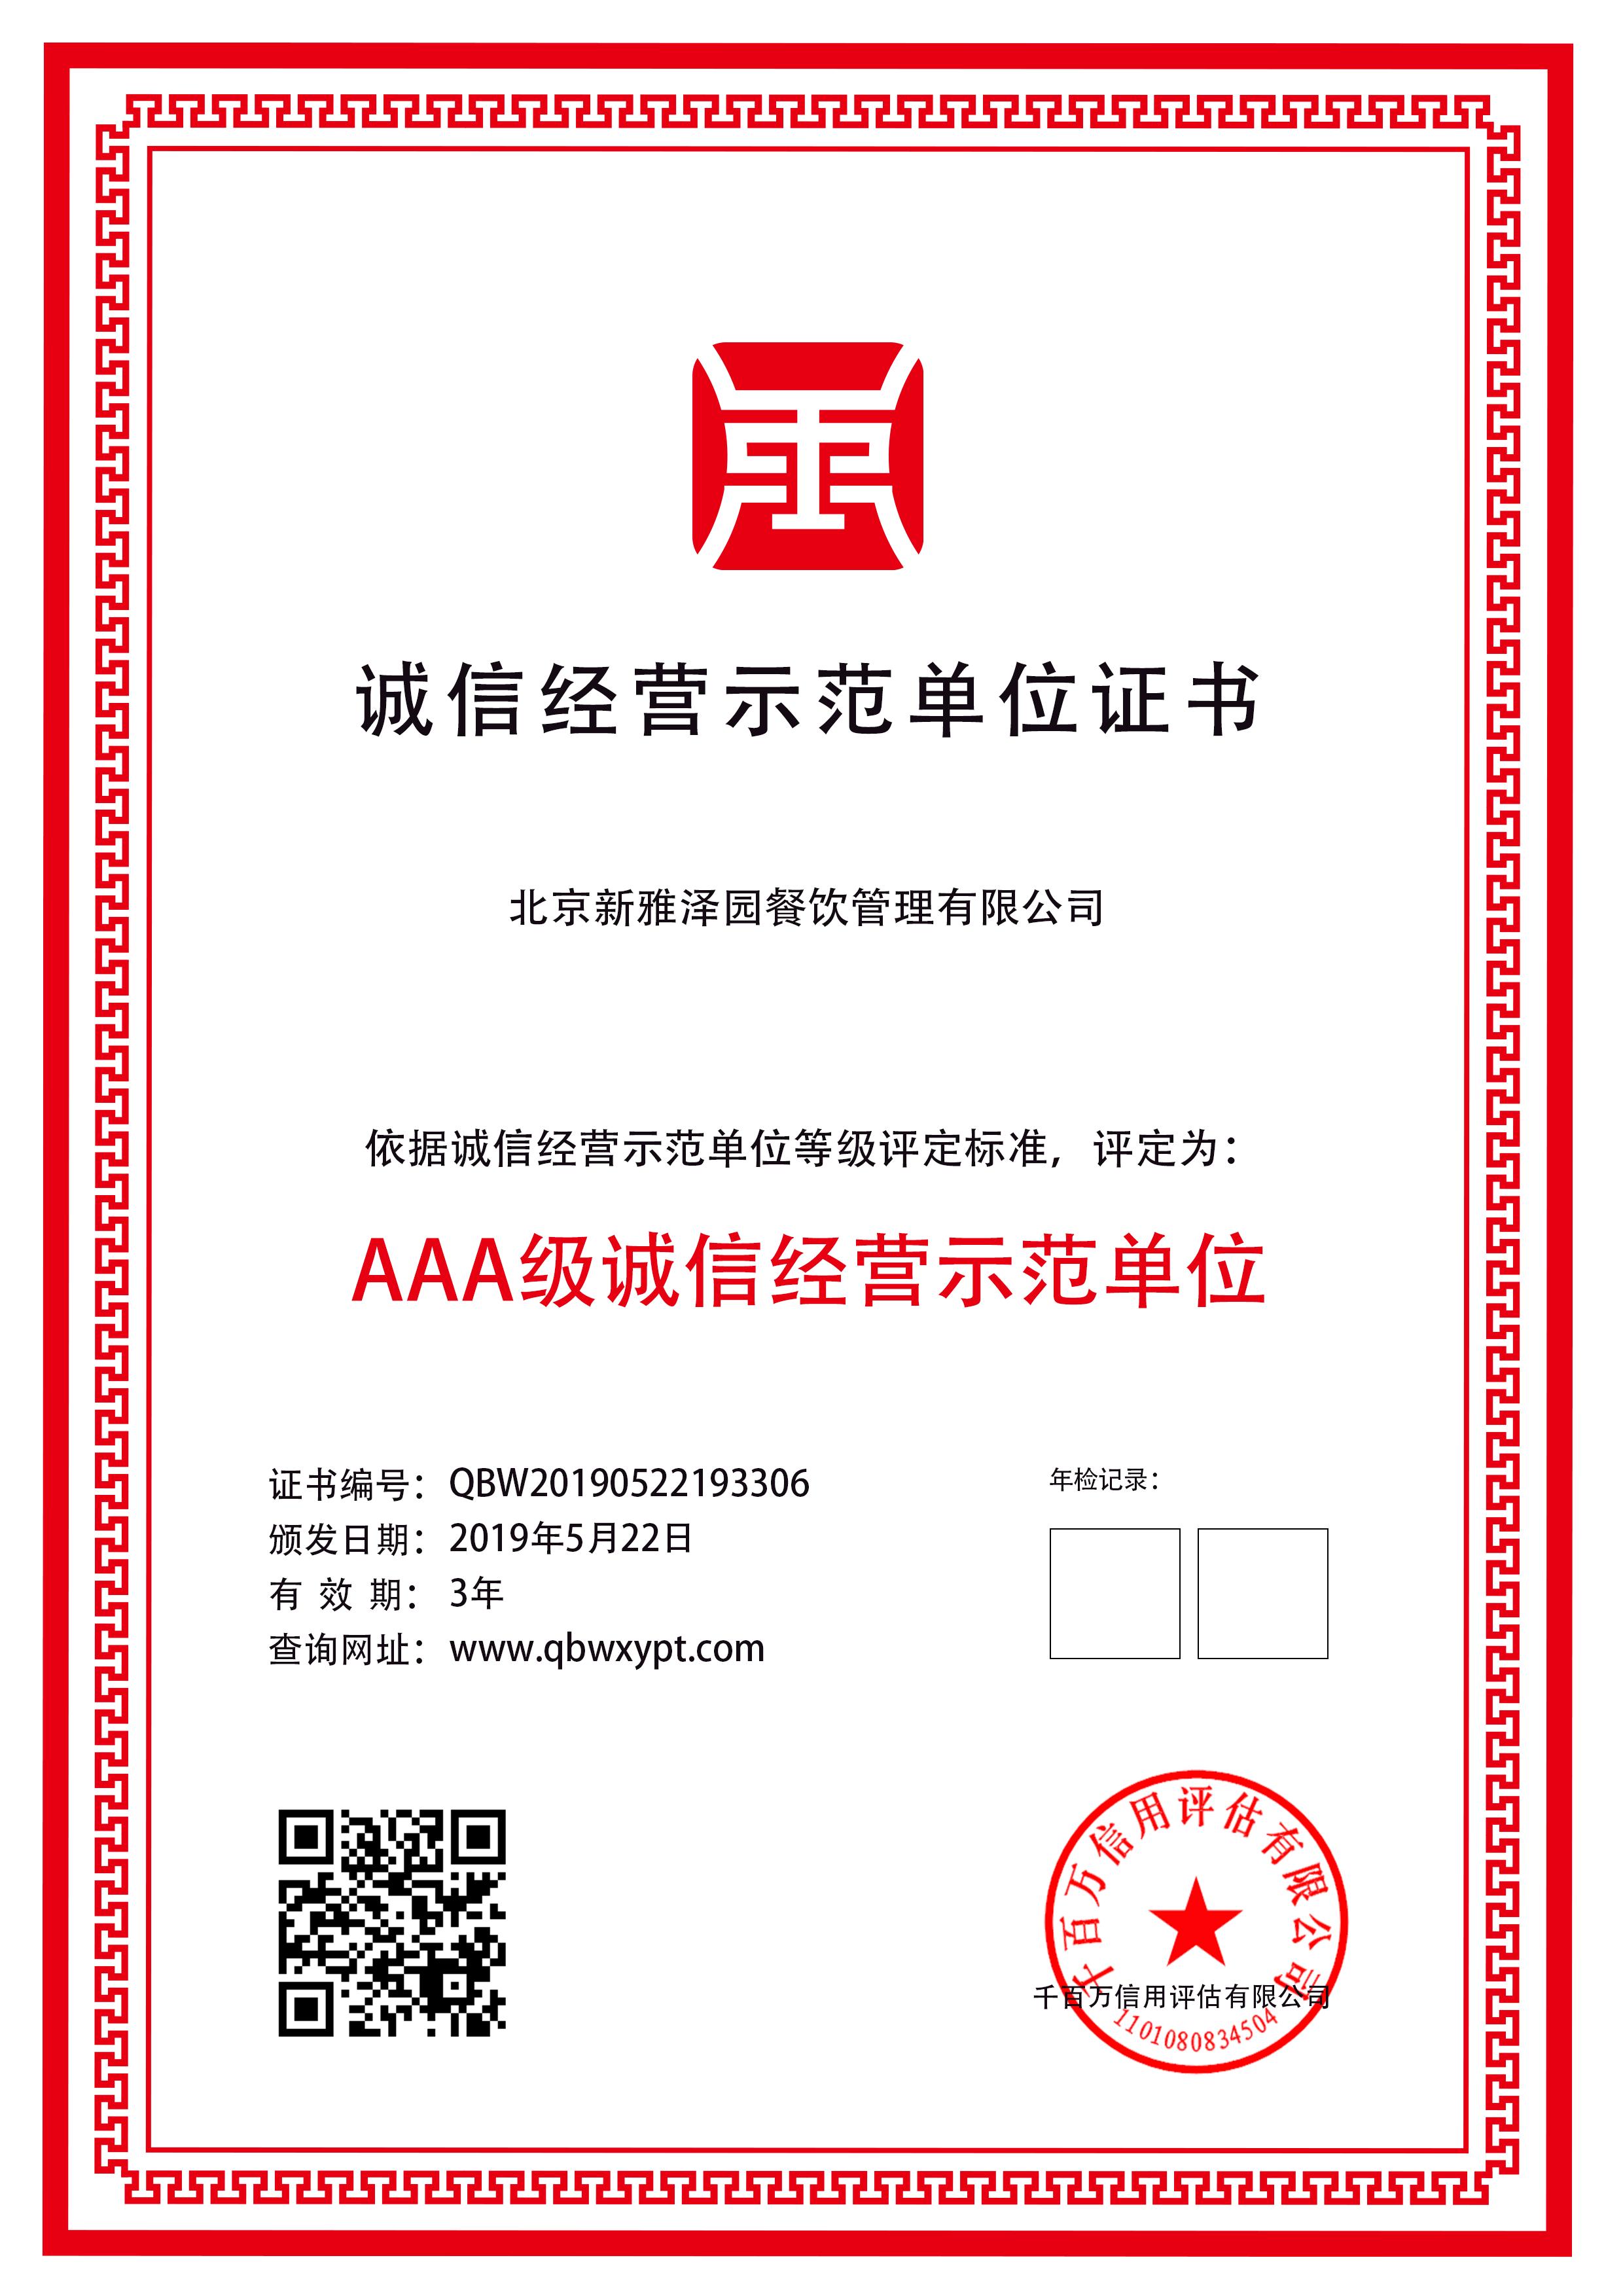 北京新雅泽园餐饮管理有限公司-诚信经营示范单位证书